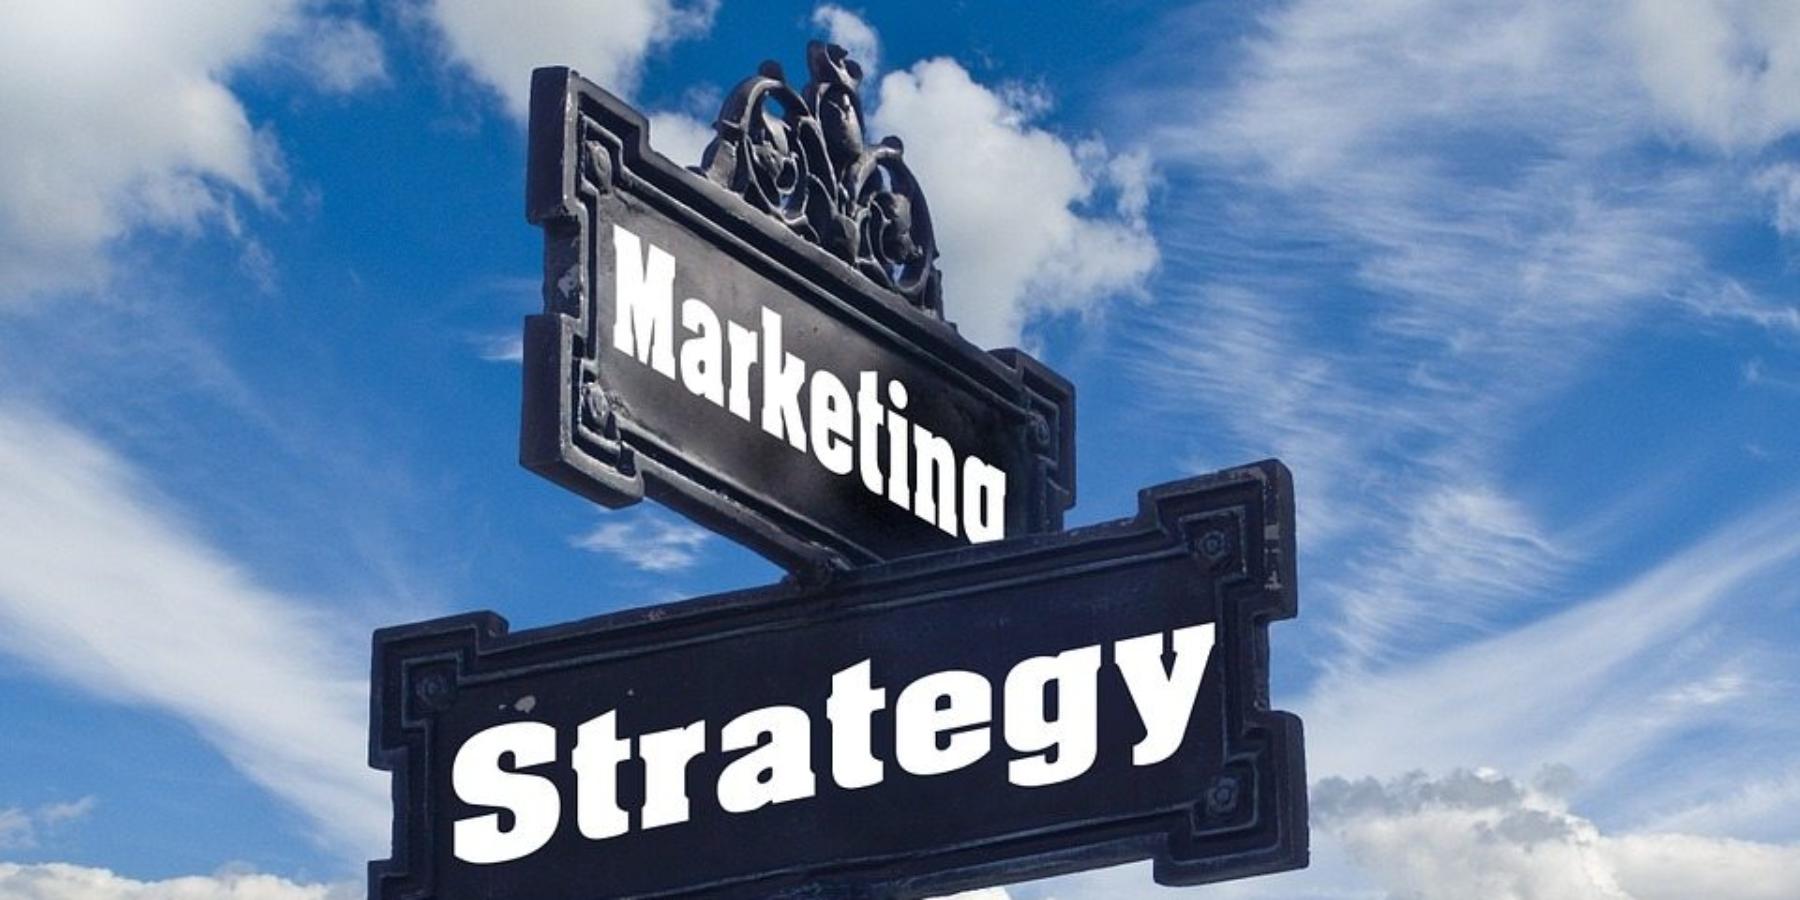 Marketing firmy